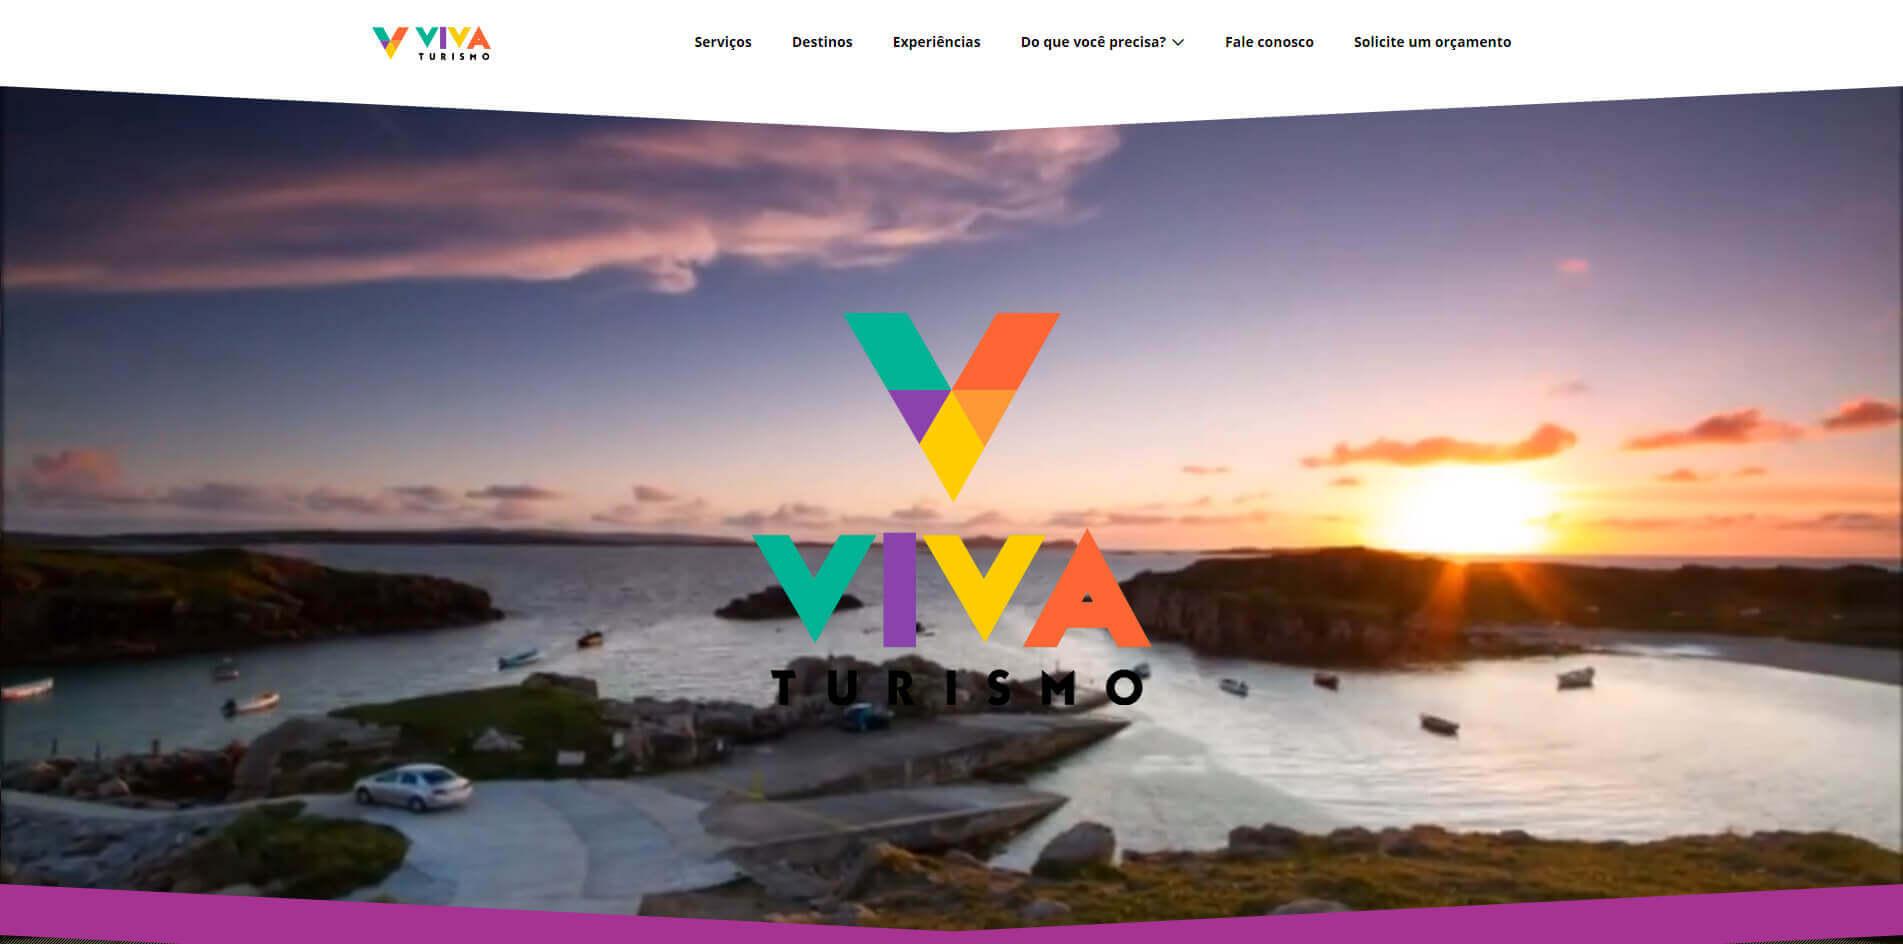 Viva Turismo